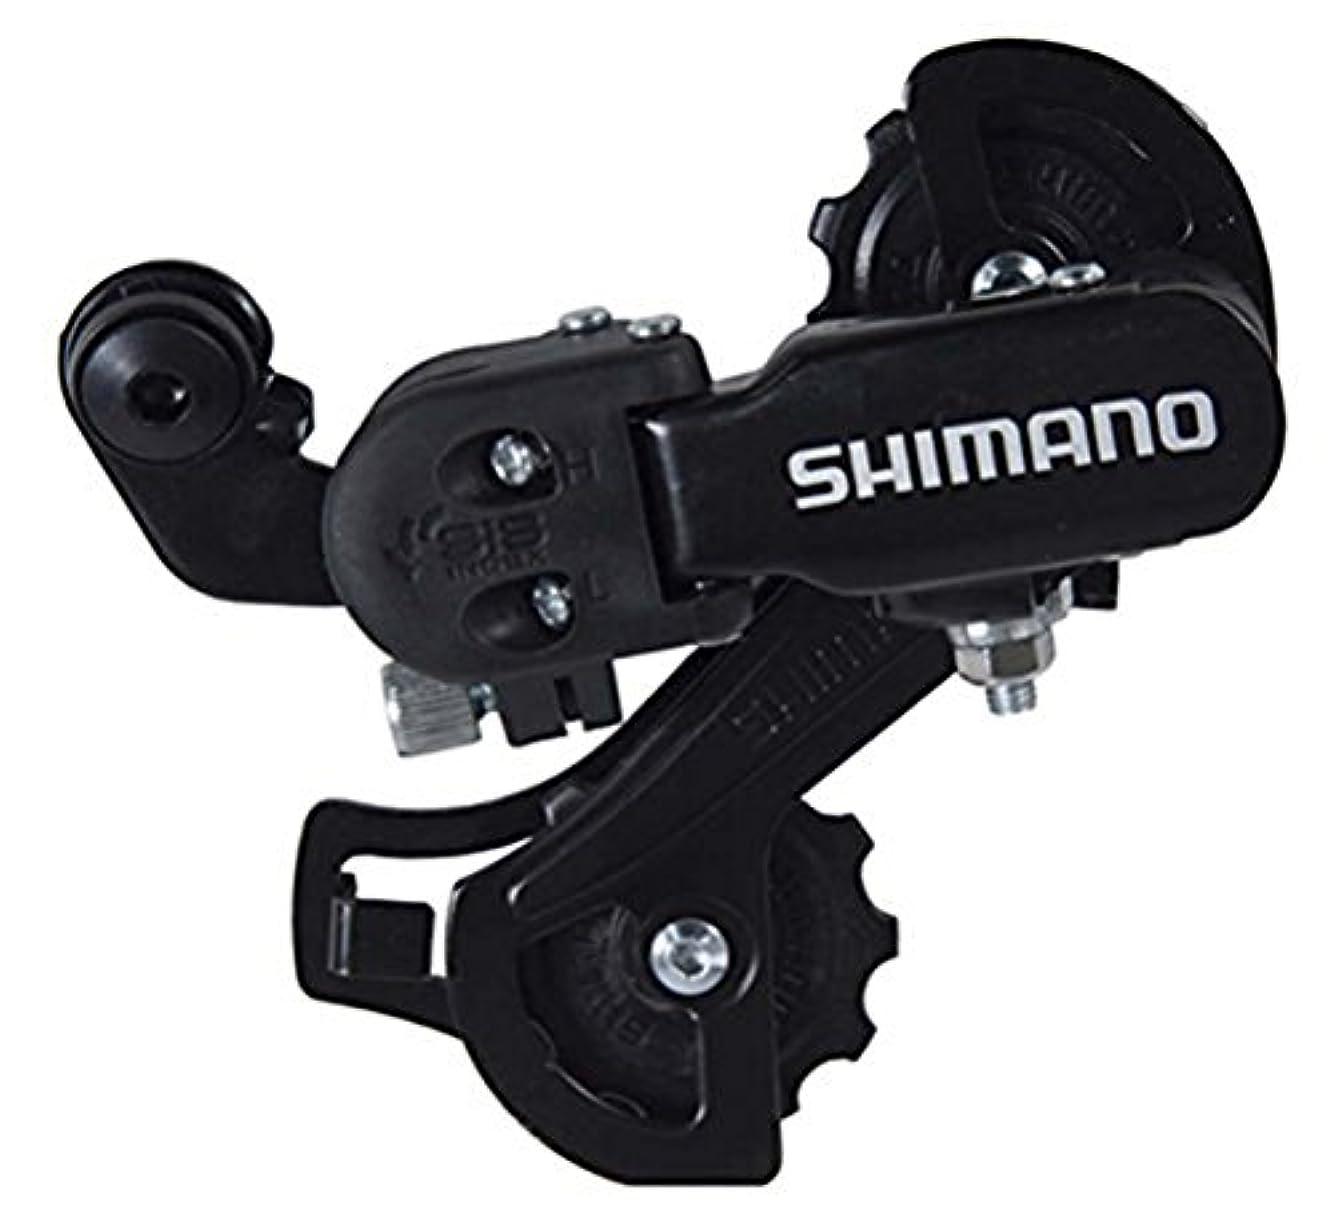 パフ甘いぞっとするようなシマノ RD-TZ31 リアディレイラーハンガーマウント/ダイレクトマウントプリセット 6/7/8 スピード